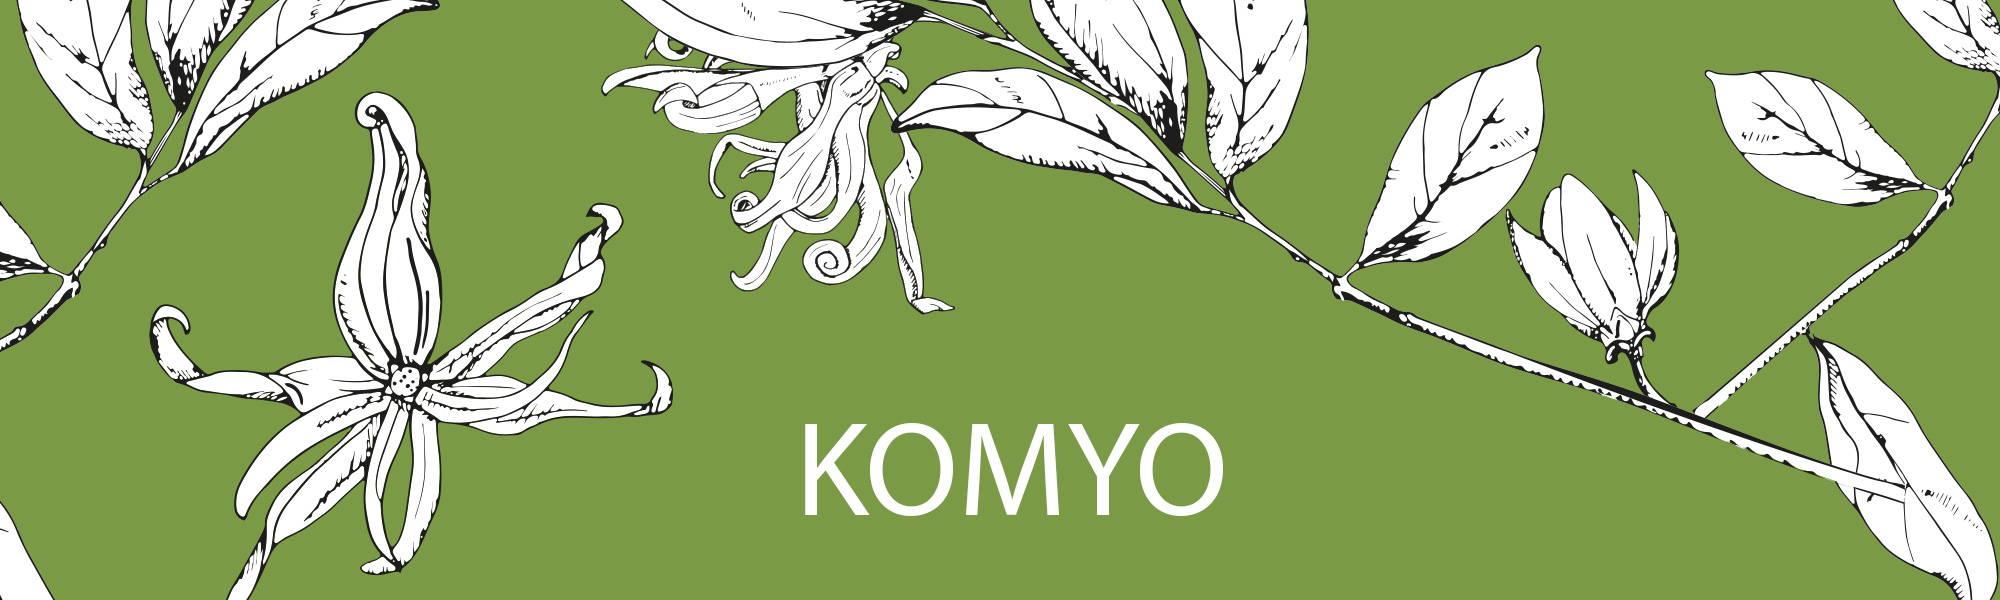 Image de la gamme Komyo de la collection Femme et Homme Dans un Jardin